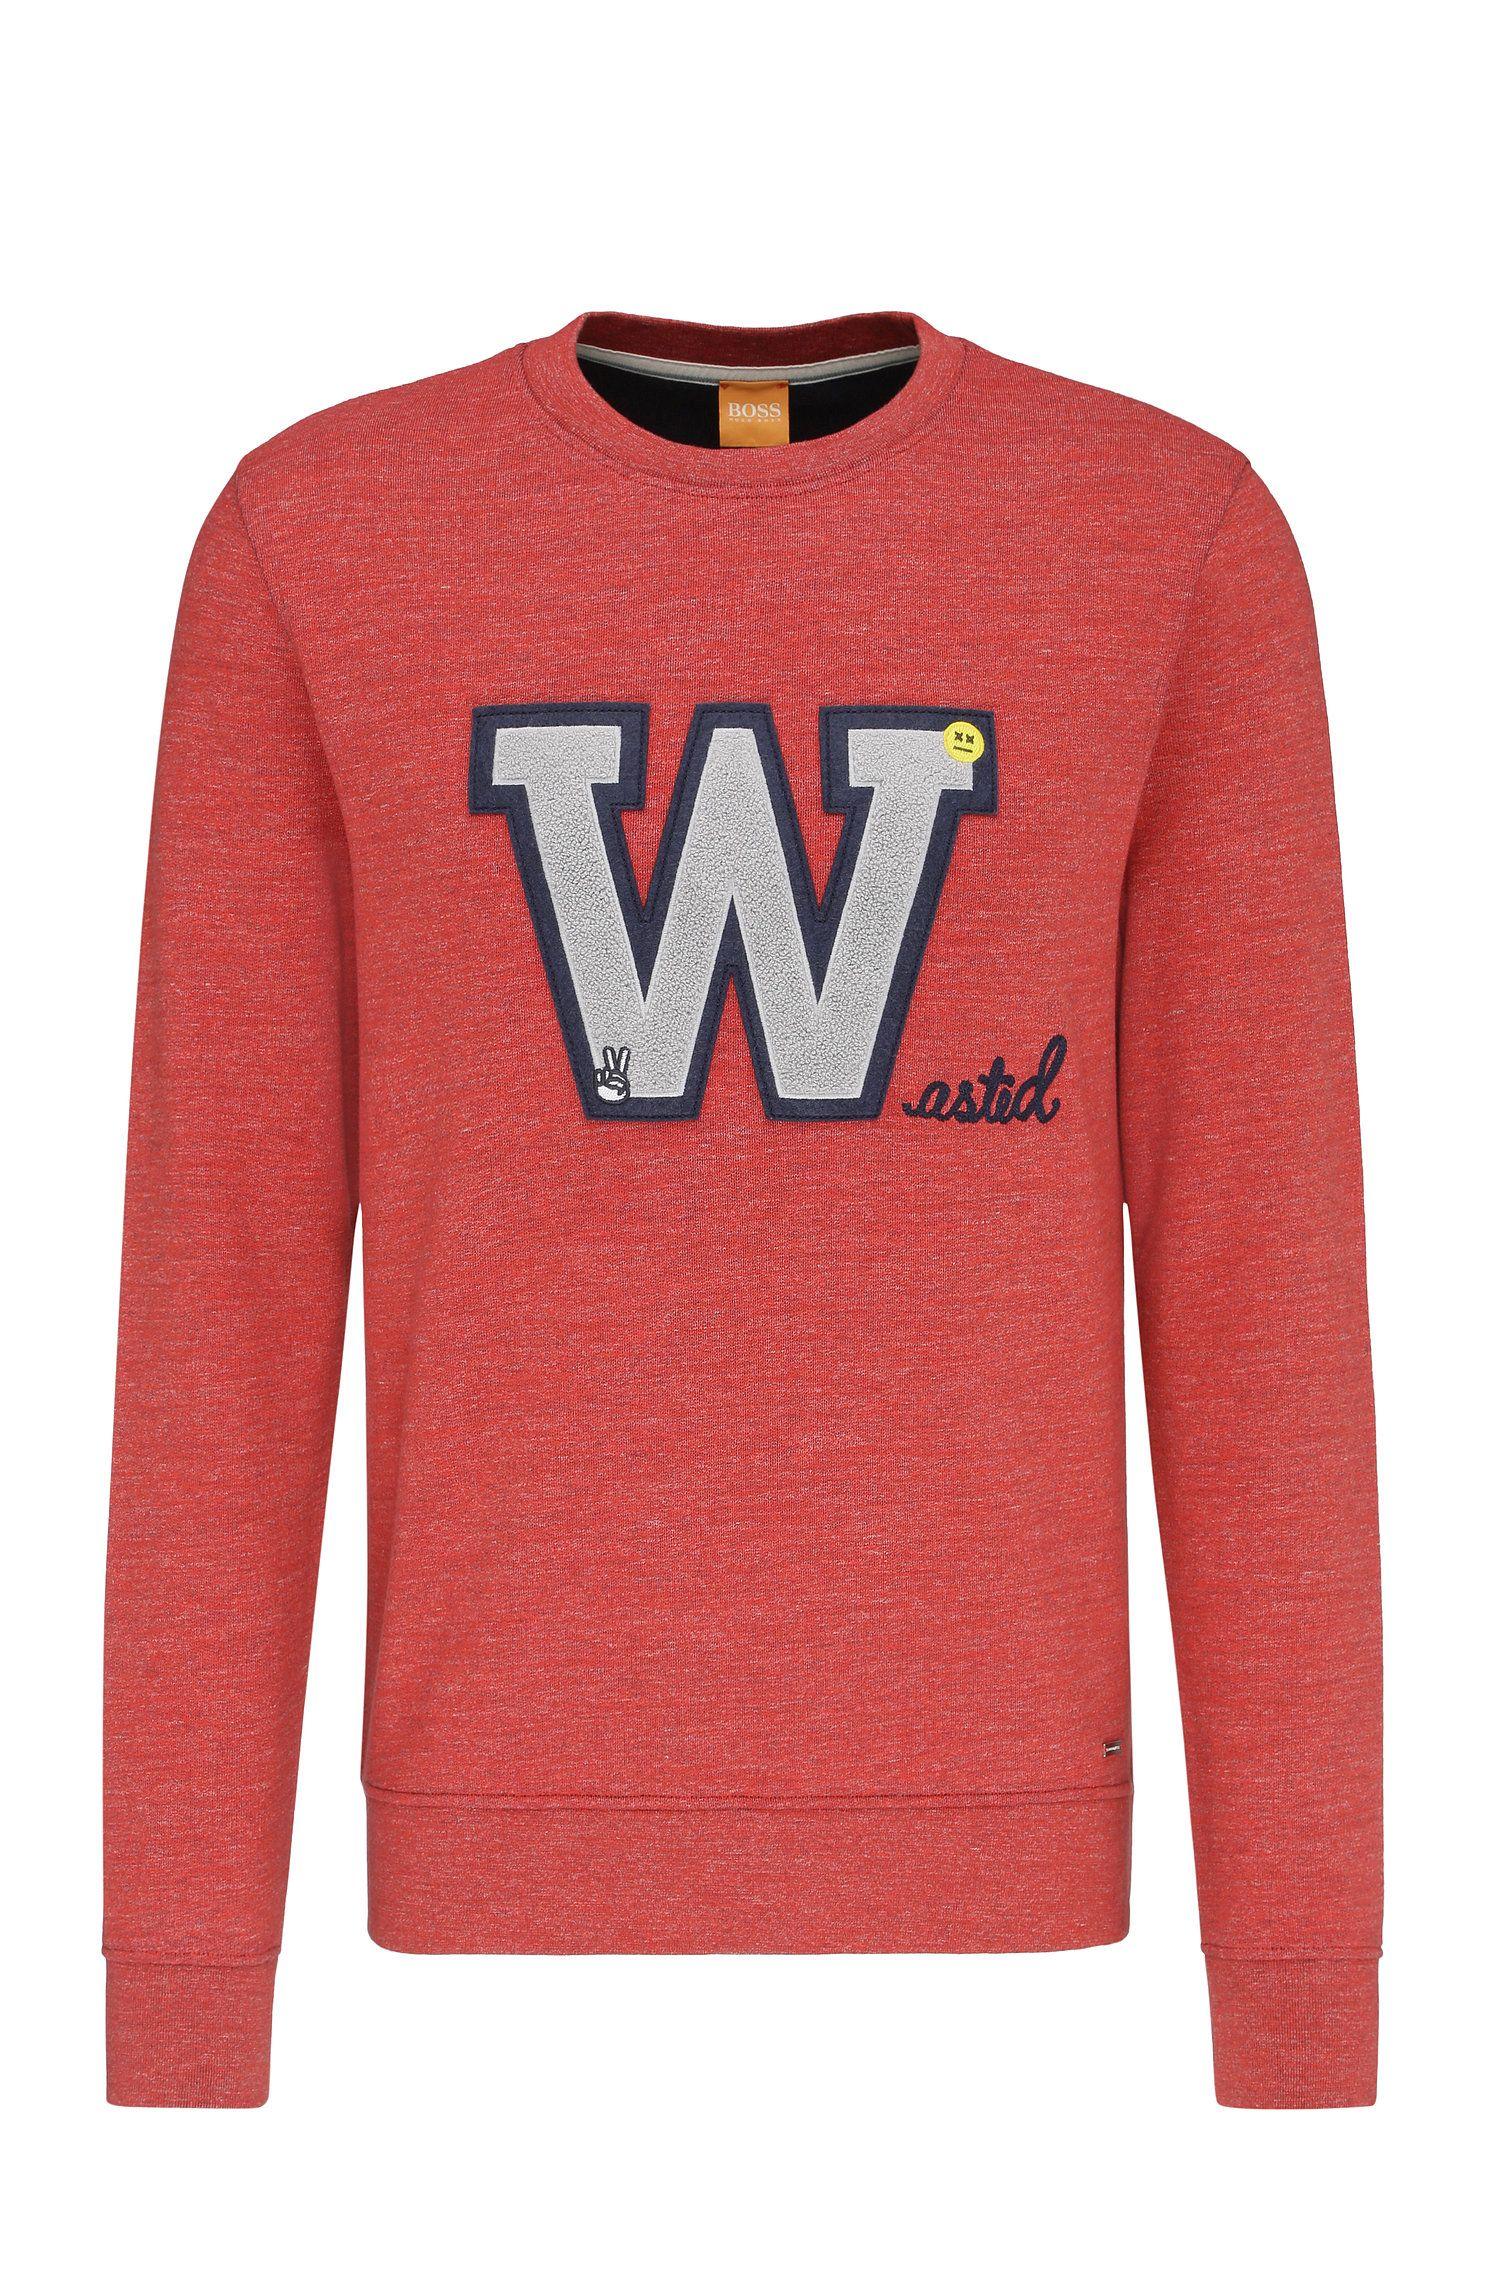 'Wariety' | Cotton Applique Sweatshirt